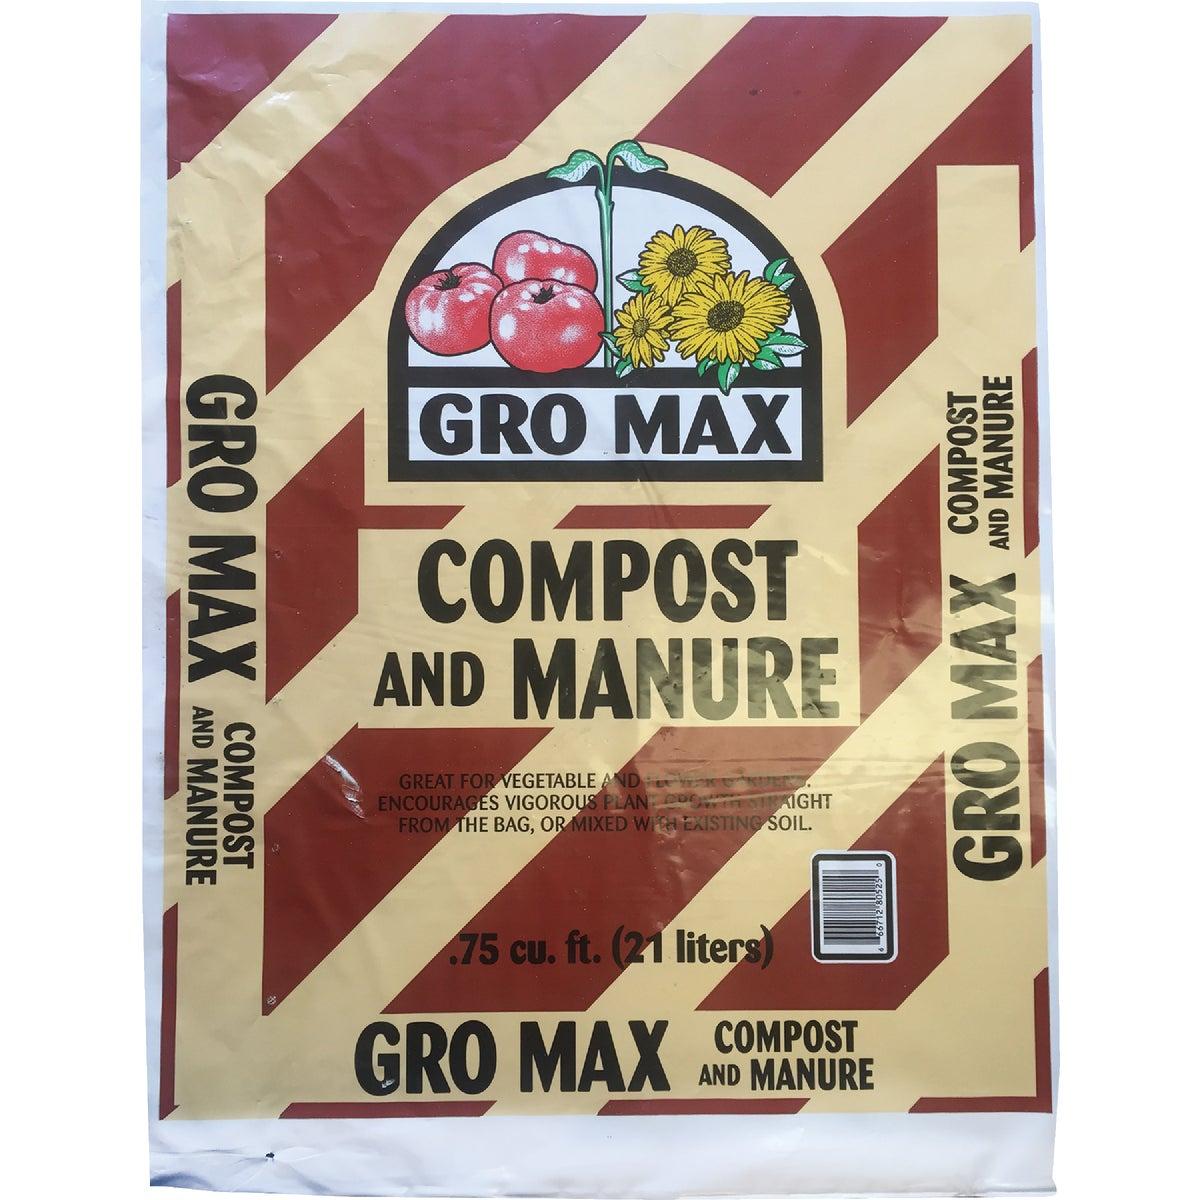 40LB COW MANURE - 034050 by Gromax L L C